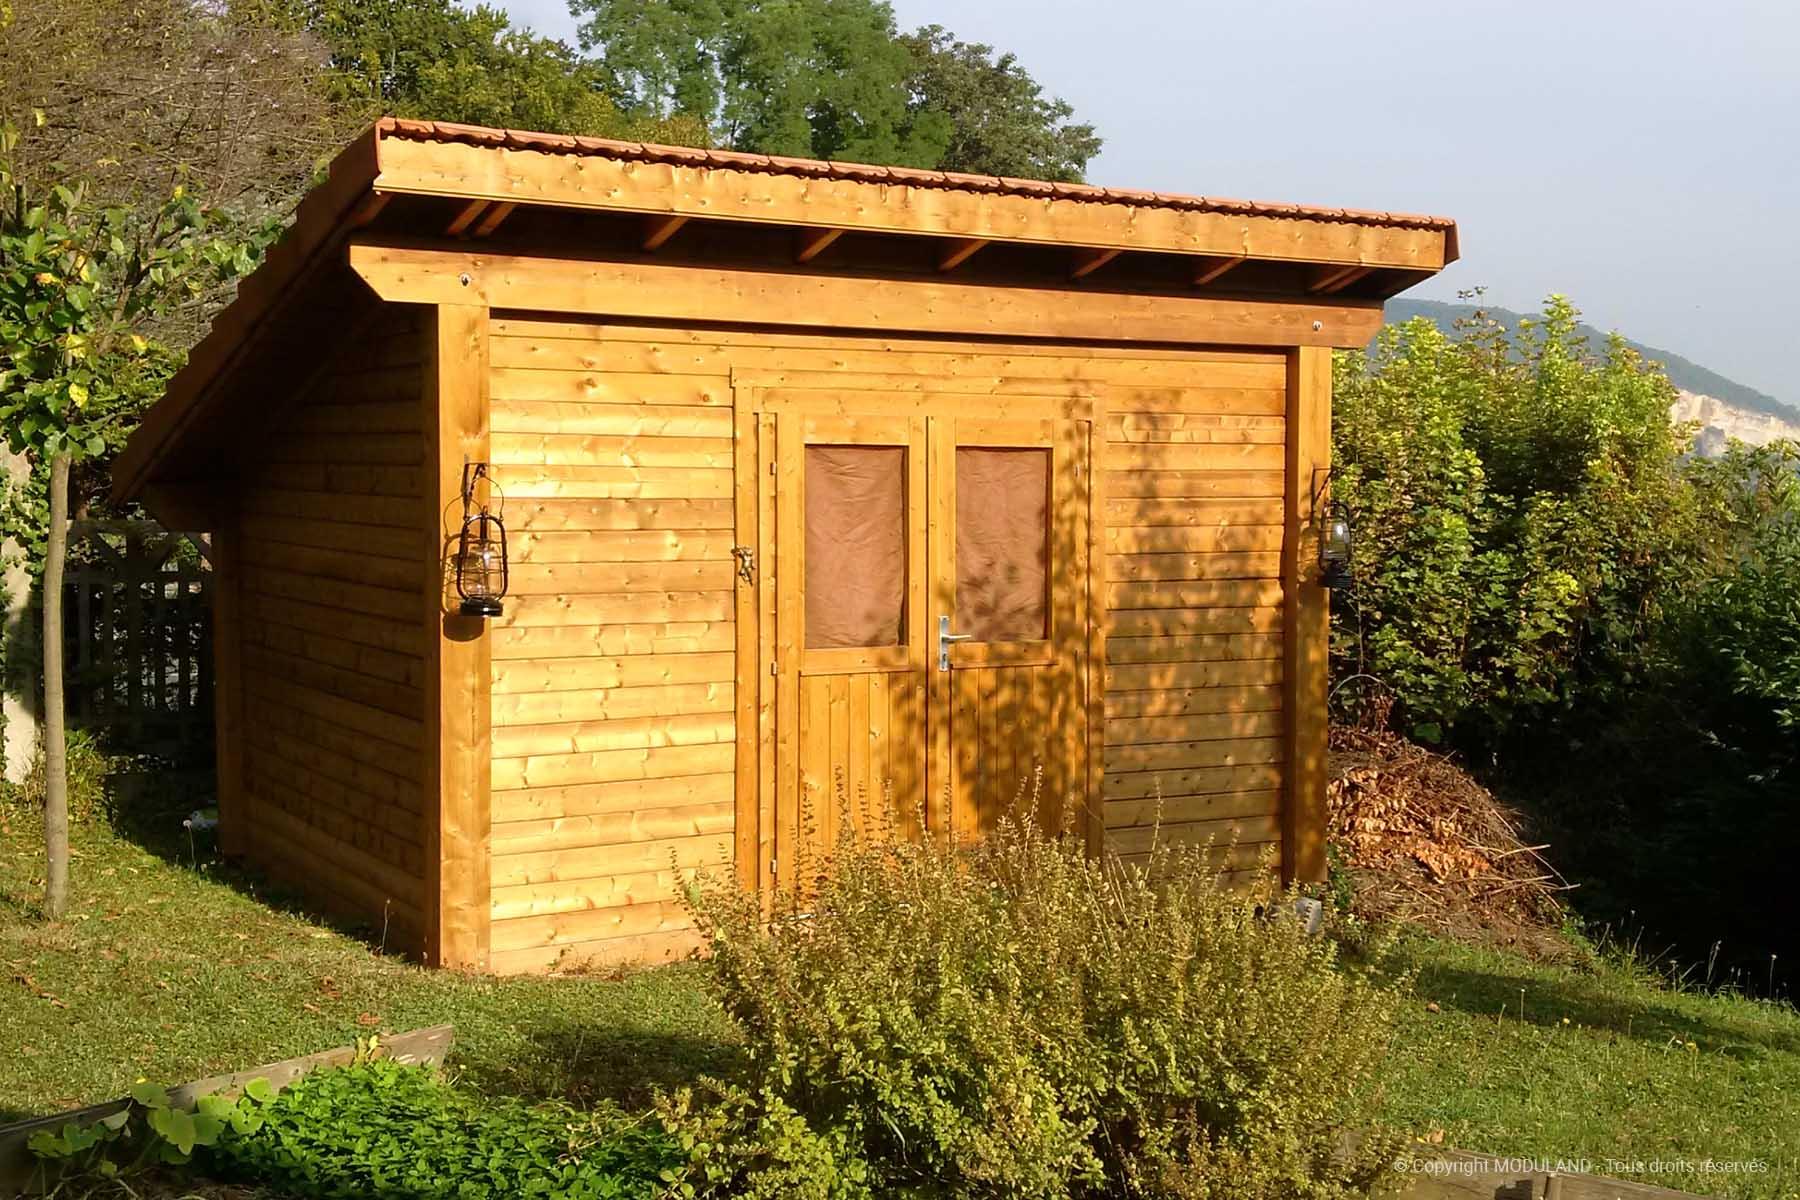 Chalet De Jardin Une Pente Vernon | Moduland destiné Abri De Jardin Une Pente Castorama